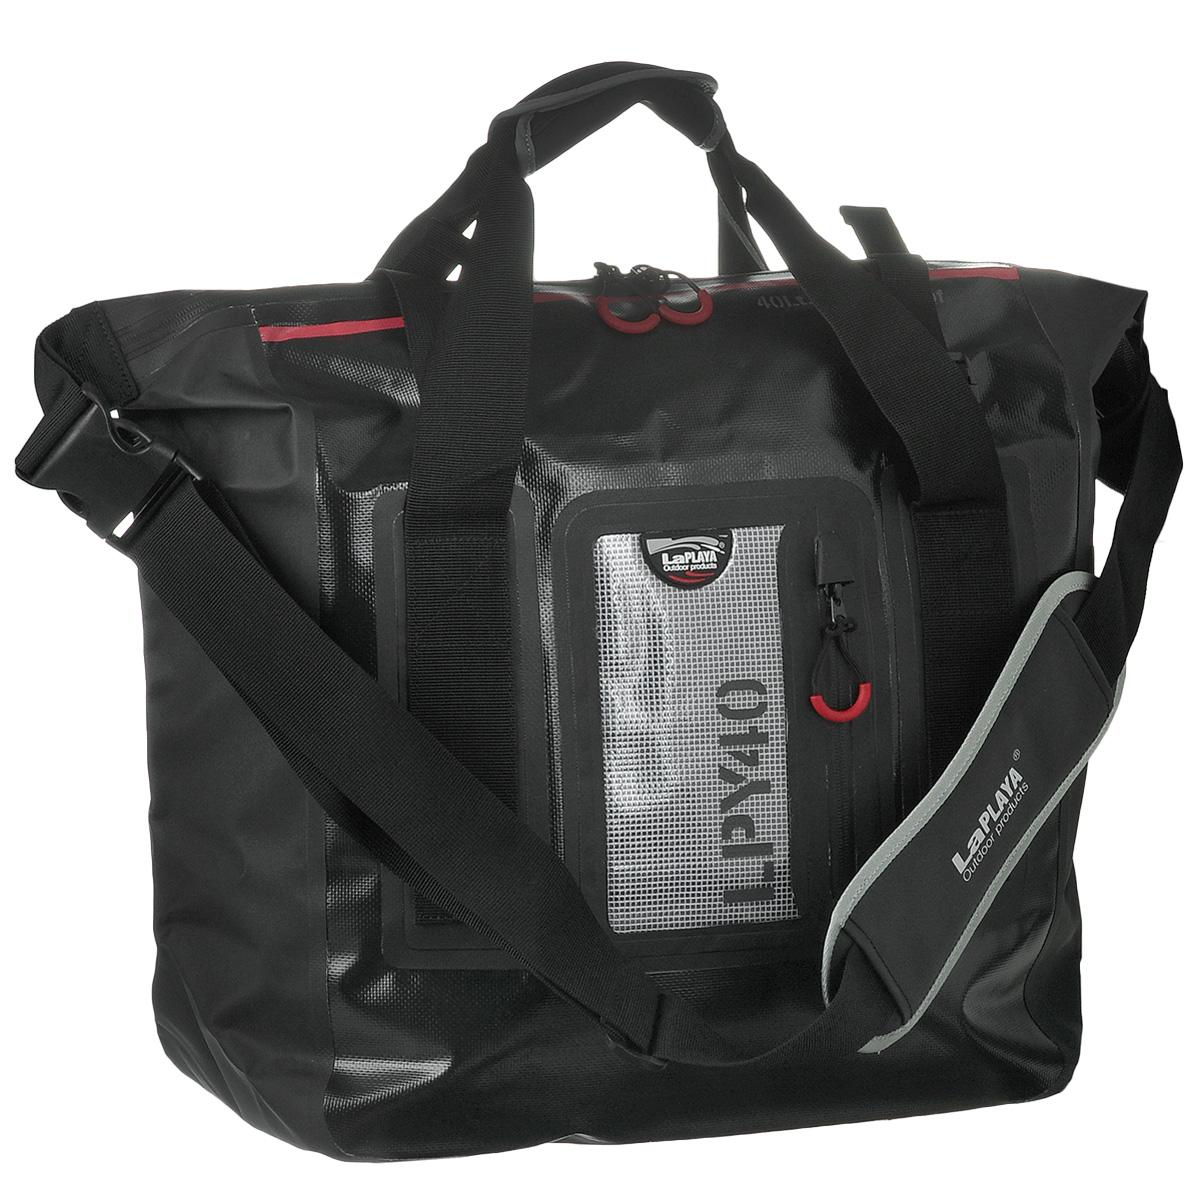 Сумка водонепроницаемая LaPlaya Square Bag, цвет: черный, 40 л859425-002Водонепроницаемая сумка LaPlaya Square Bag - незаменимая вещь для любителей туристических походов, кемпингов и отдыха на природе. Сумка выполнена из ПВХ (брезент + сетка). Метод термосварки швов обеспечивает 100% герметичность. Сумка имеет одно вместительное отделение, которое закрывается на водонепроницаемую молнию. Внутри содержится вшитый карман на молнии и 2 сетчатых кармашка. С лицевой стороны сумки расположен прозрачный карман, также с водонепроницаемой молнией, удобный для хранения документов, билетов и других бумаг. Сумка компактная, практичная и очень удобная, она снабжена плечевым ремнем с мягкой вставкой для плеча, а также двумя ручками. На ручках и ремне имеются светоотражающие элементы. Такая сумка - просто находка для экстремалов и любителей проводить много времени на открытом воздухе. LaPlaya DRY BAG - это функциональный и минималистичный дизайн, прочный материал и высокое качество технологии производства. Это все, что необходимо для выбора идеального партнера в вопросе экипировки для активного отдыха, открытых спортивных мероприятий и настоящих приключений, не зависящих от погодных условий.